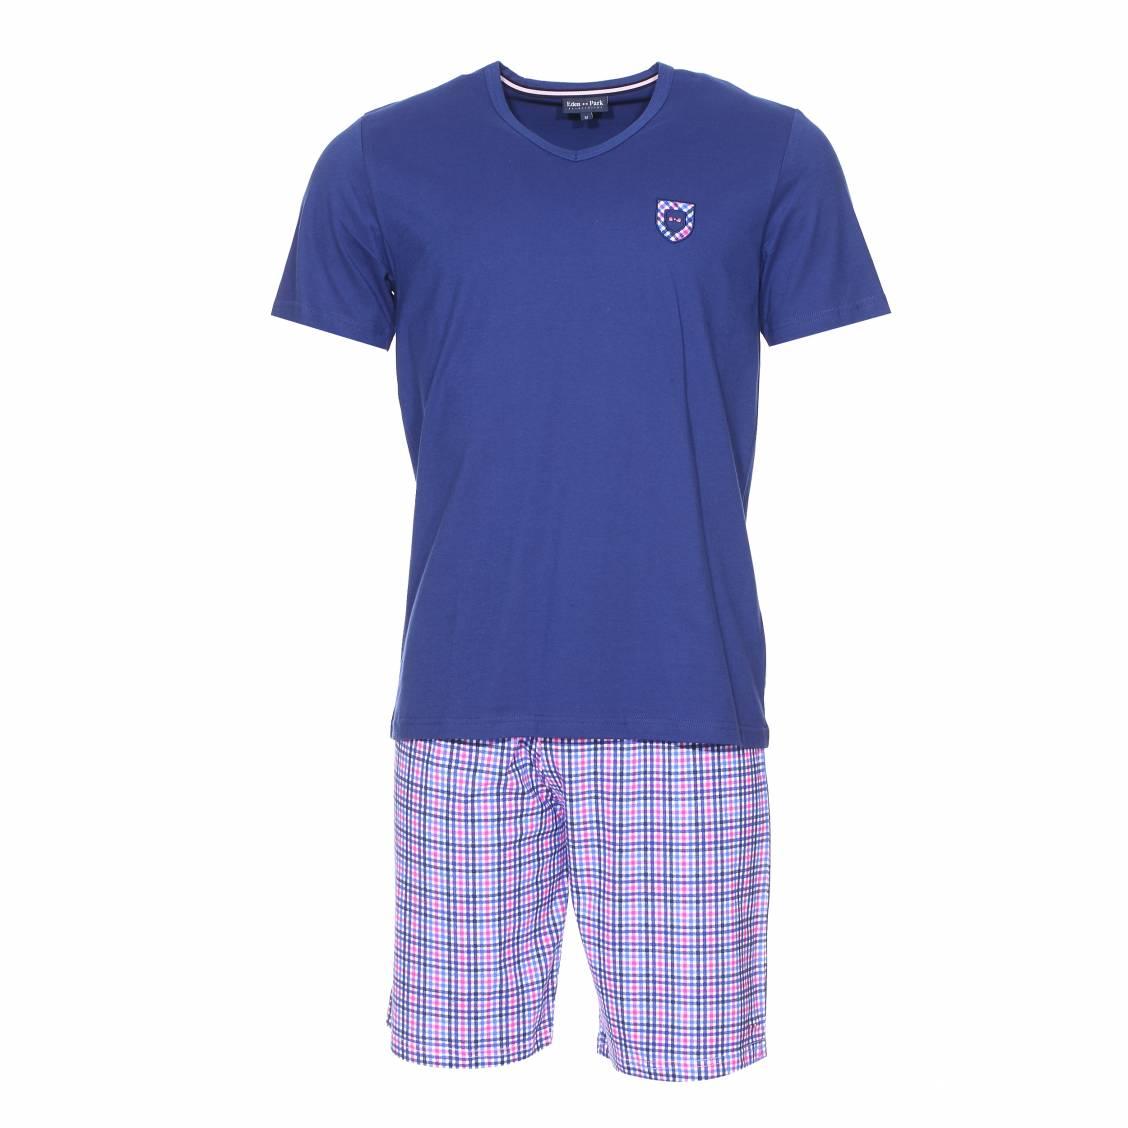 Pyjama court  en coton : tee-shirt bleu fonc� � �cusson et short � petits carreaux bleus et roses